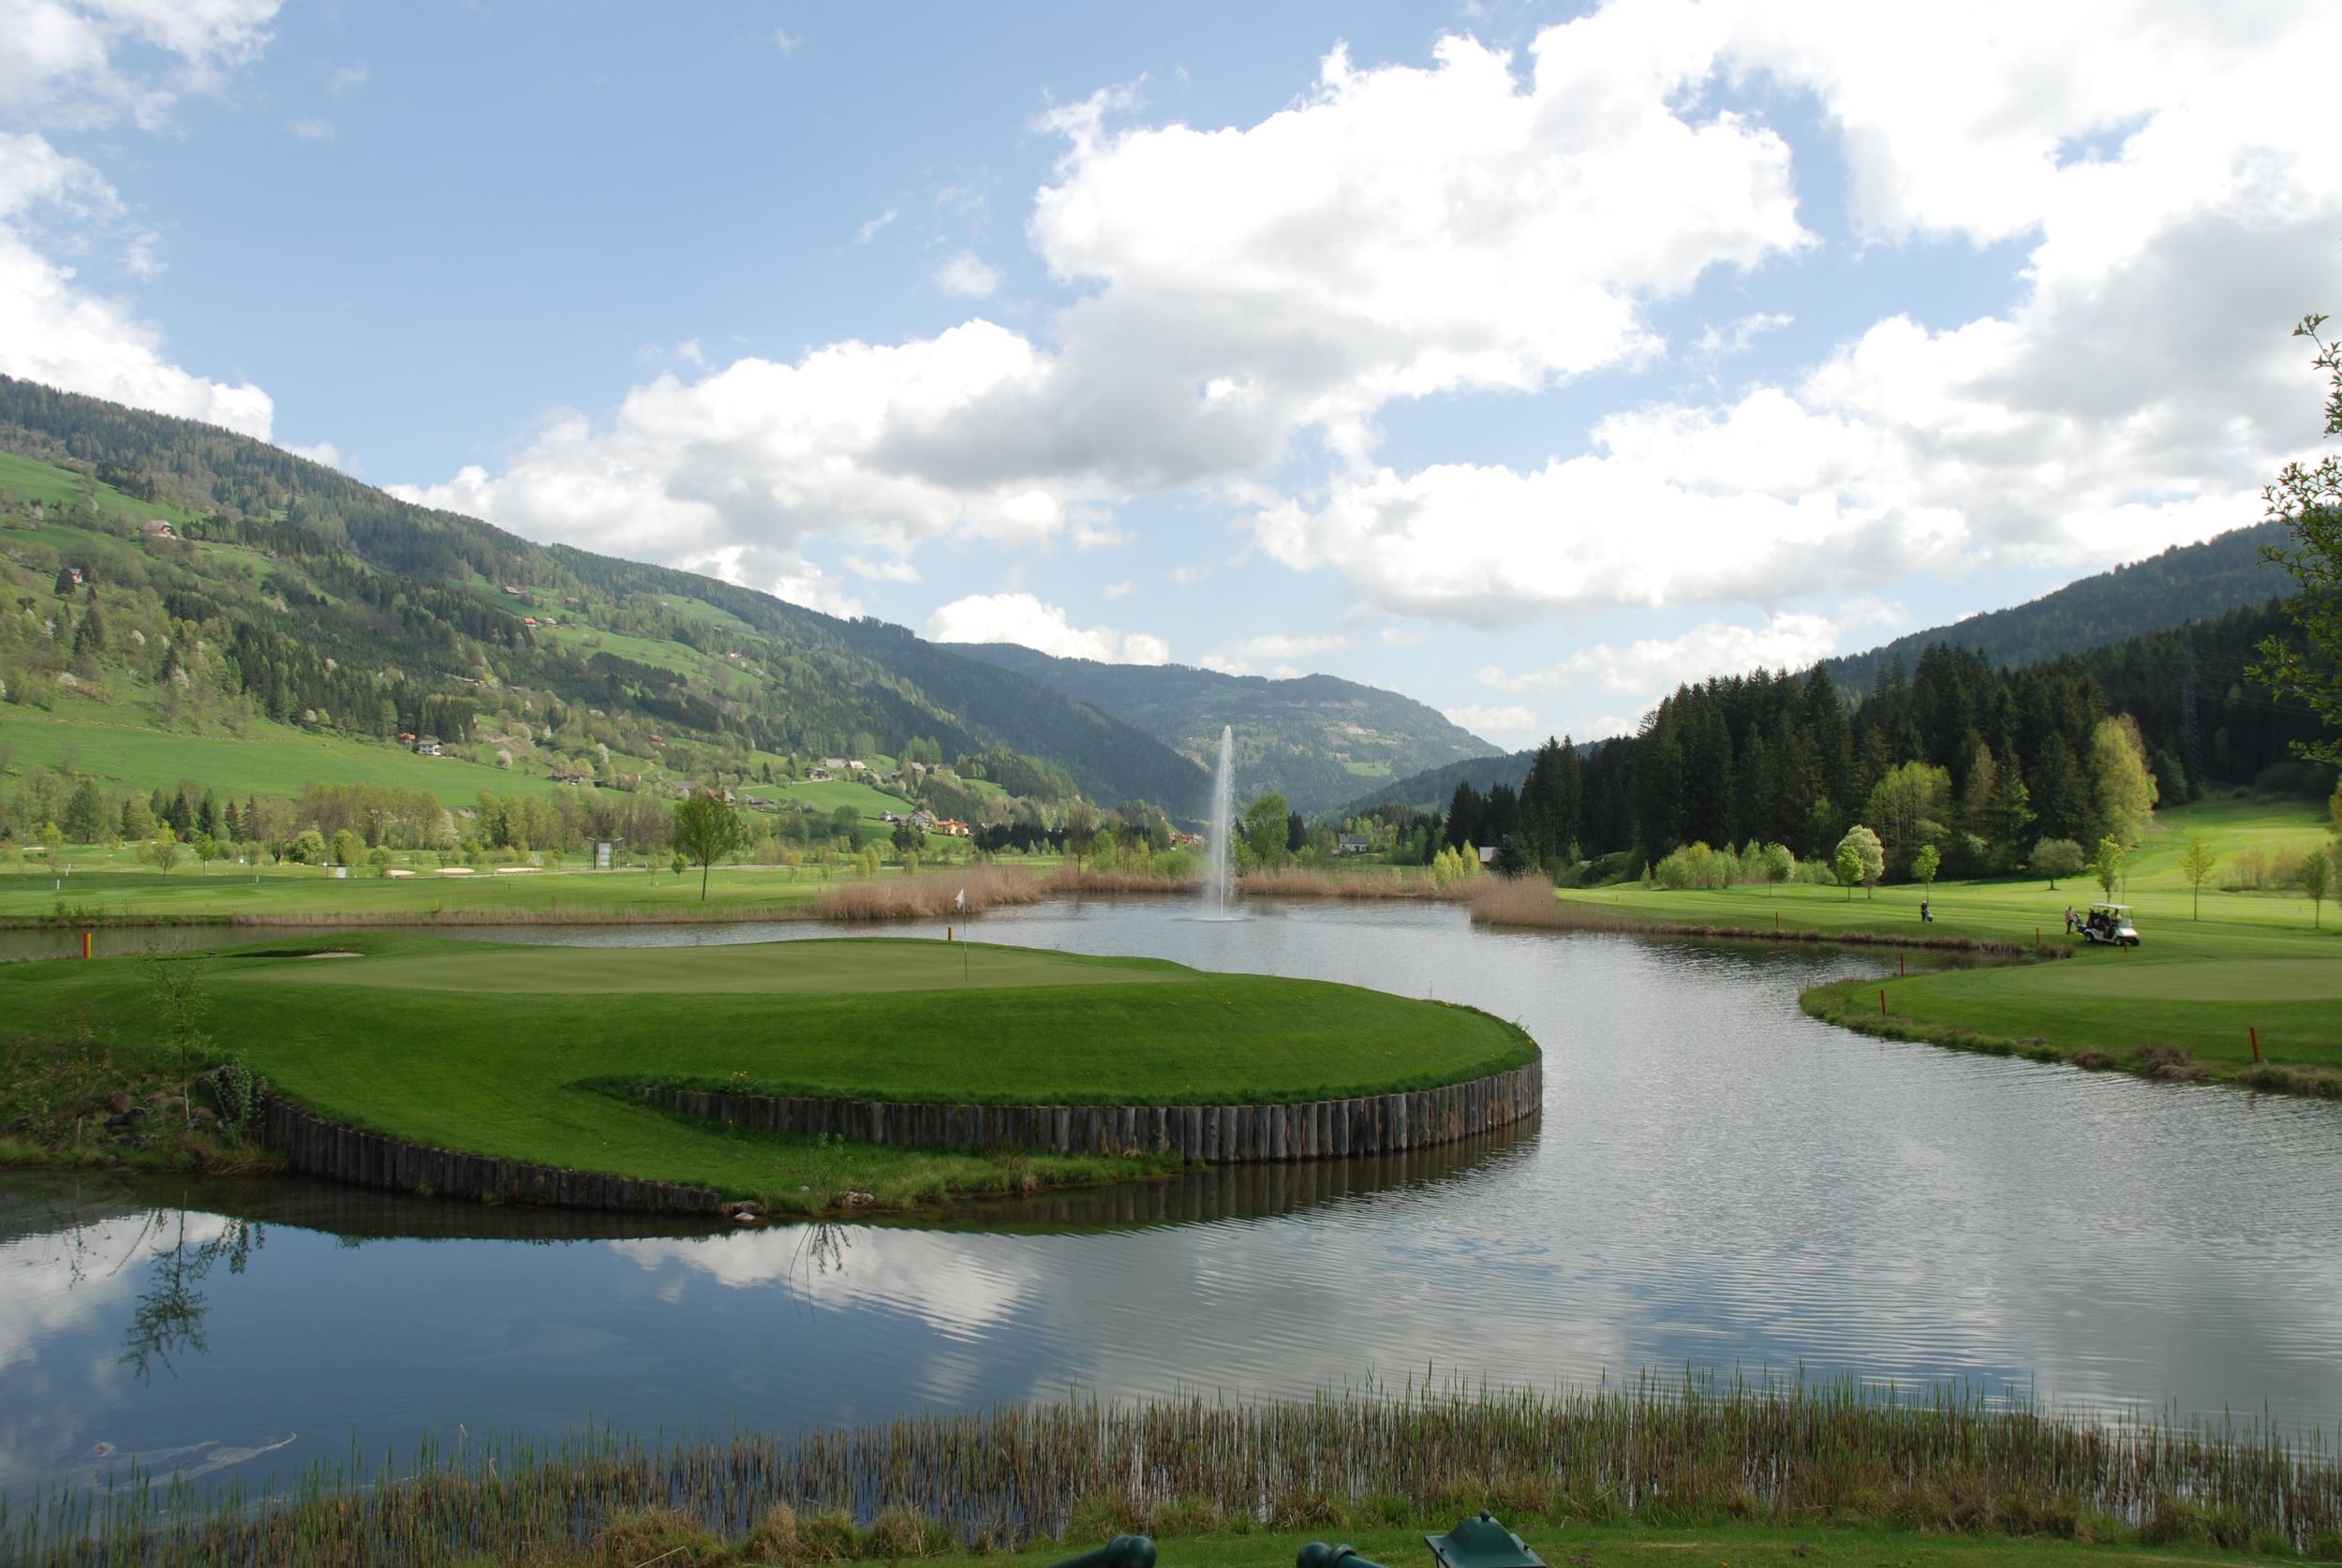 Golf course at St Lorenzen